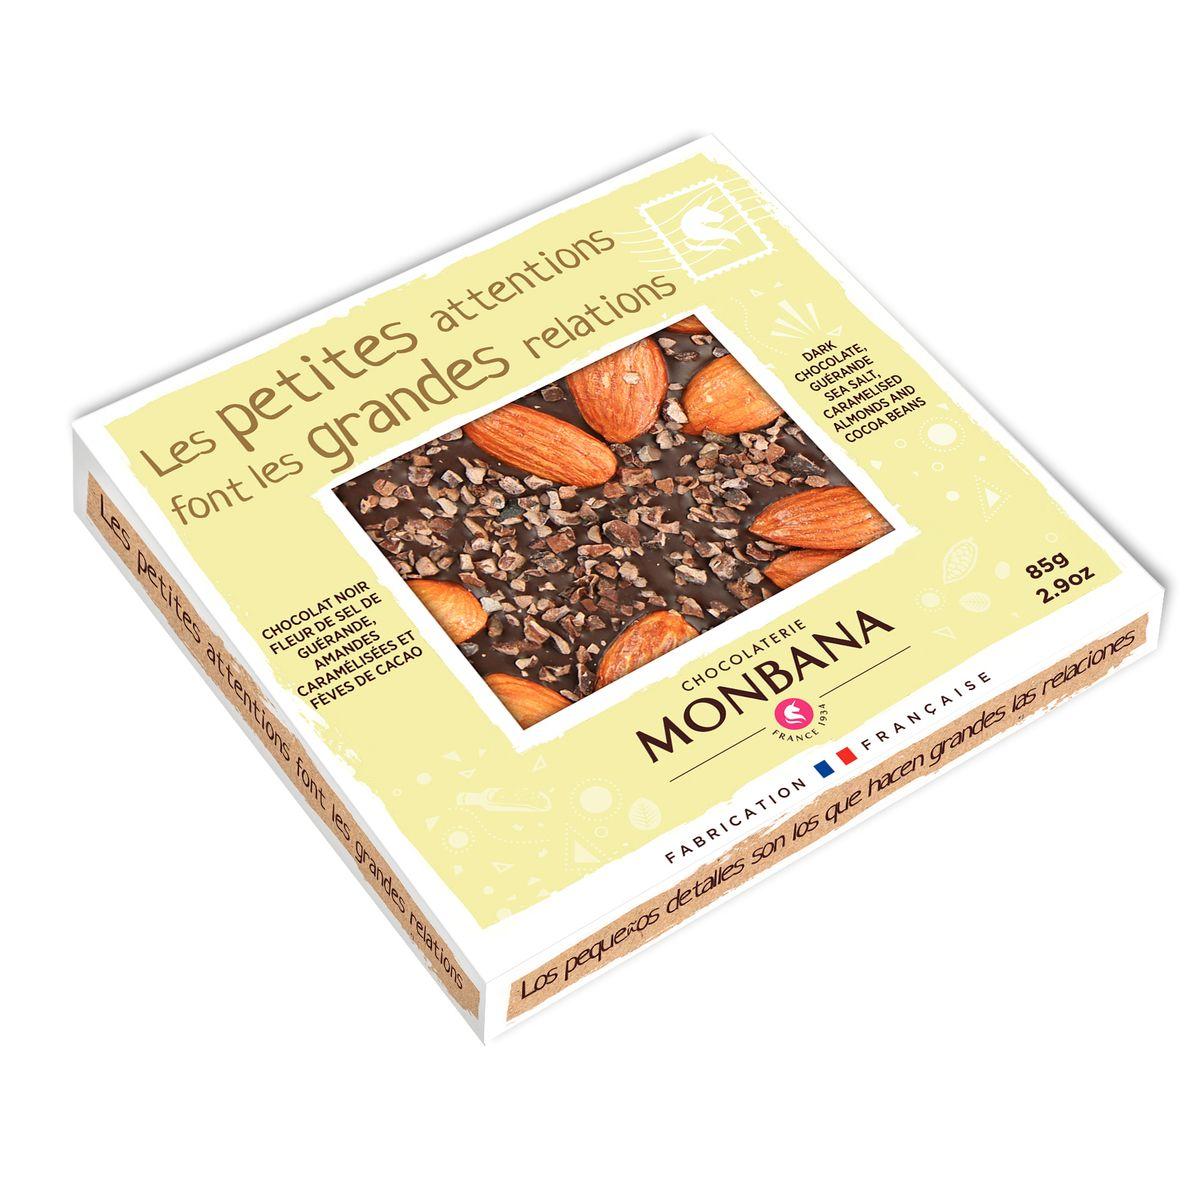 Tablette de chocolat noir à la fleur de sel 85g - Monbana